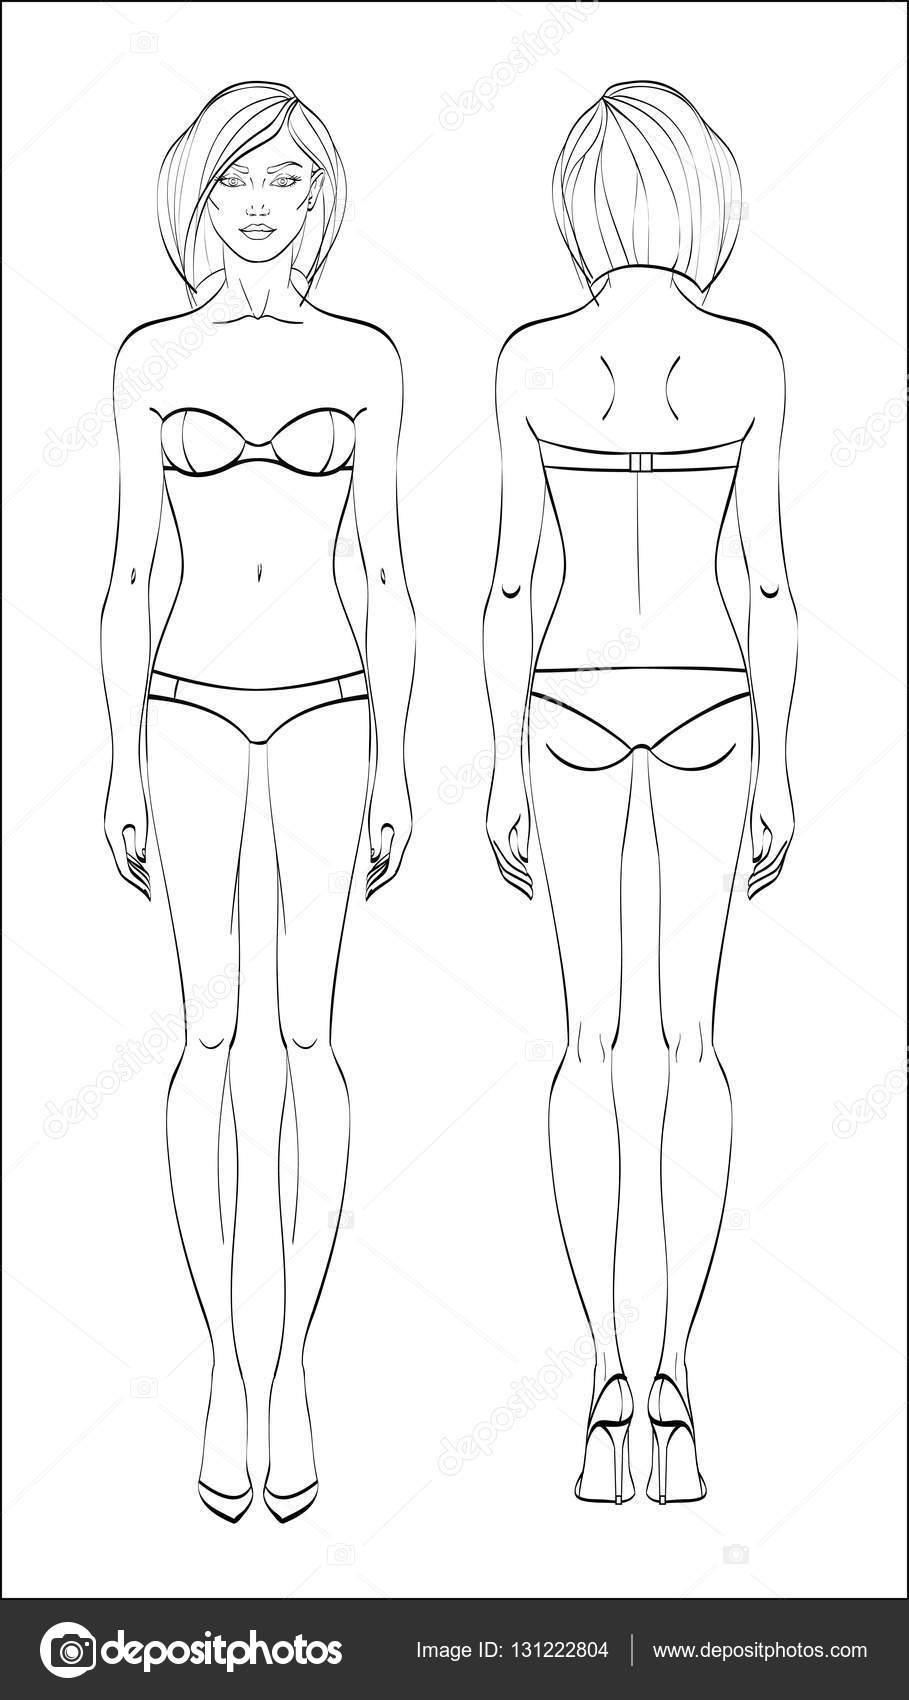 女性図 前面し 背面します ベクトル 直線的なスタイルの人体 — ストック